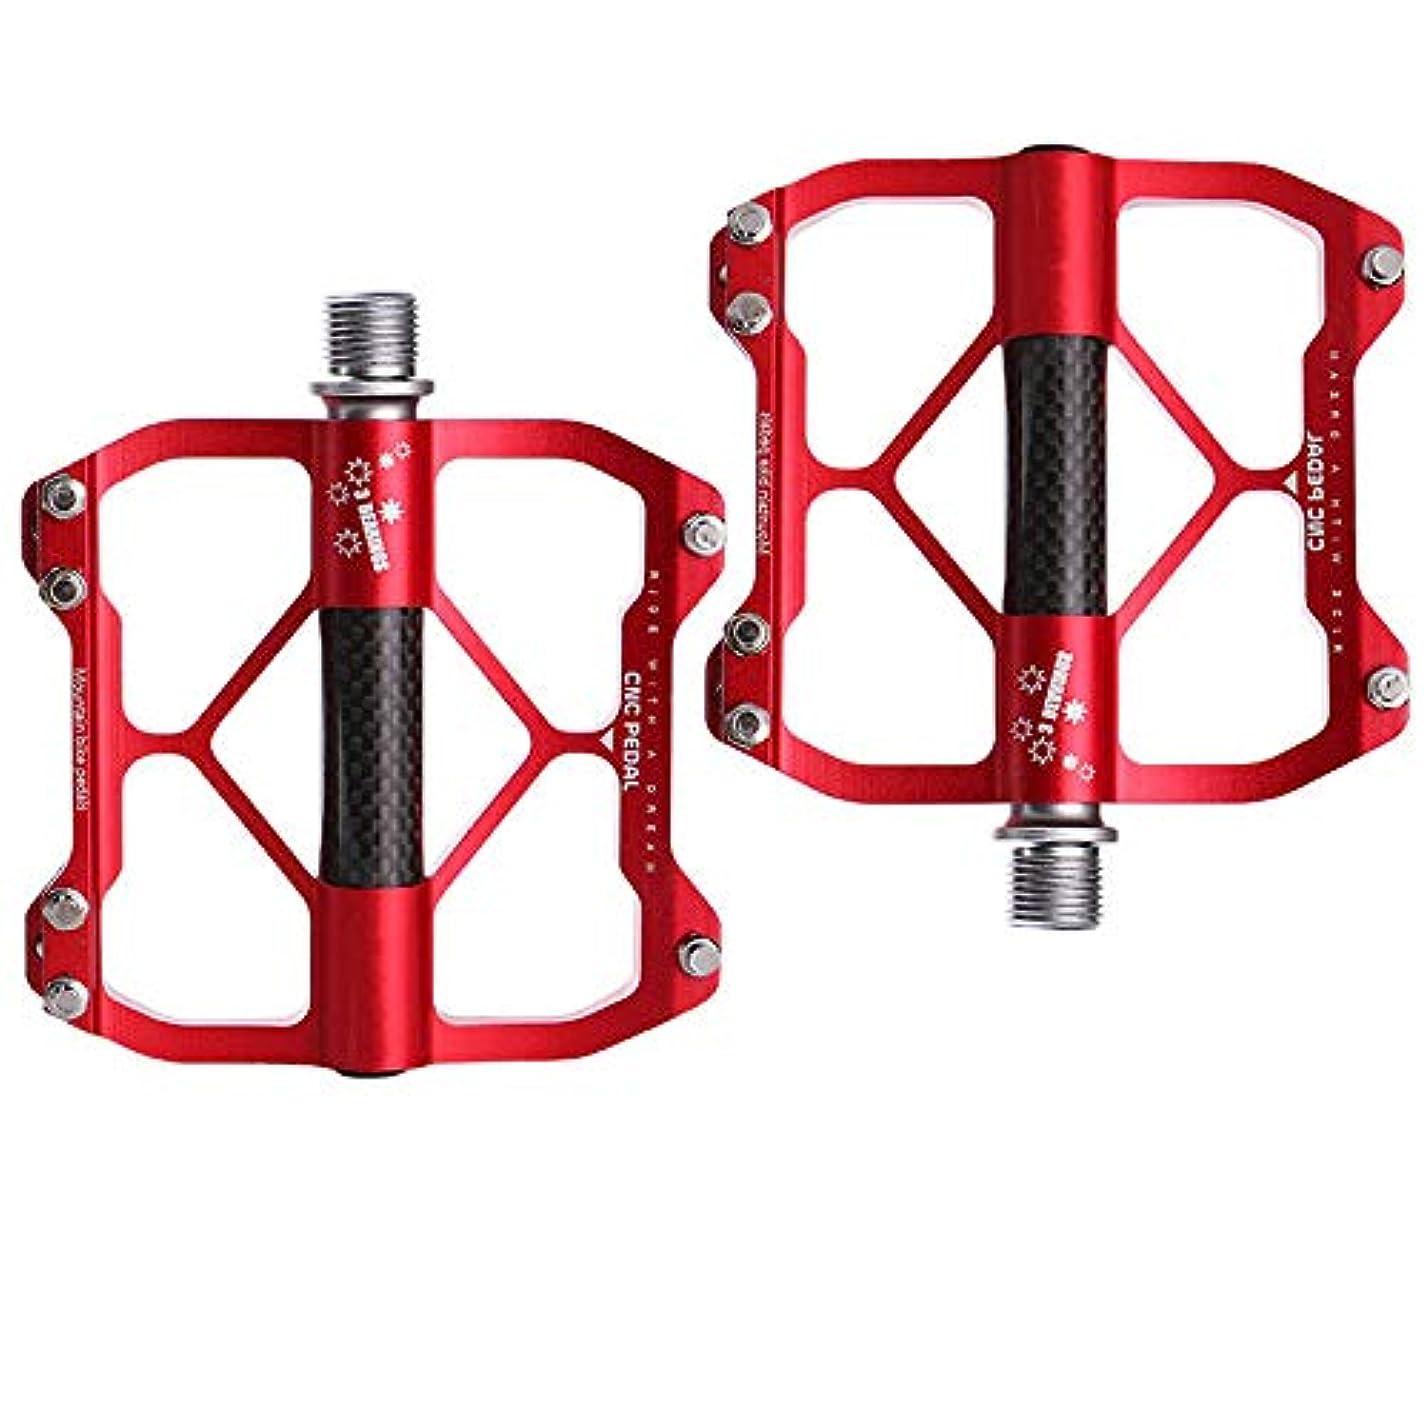 風景若者バスト自転車のペダルのマウンテンバイクが装備されているアルミ合金のペダルの自転車の付属品 自転車アクセサリ (色 : 赤)